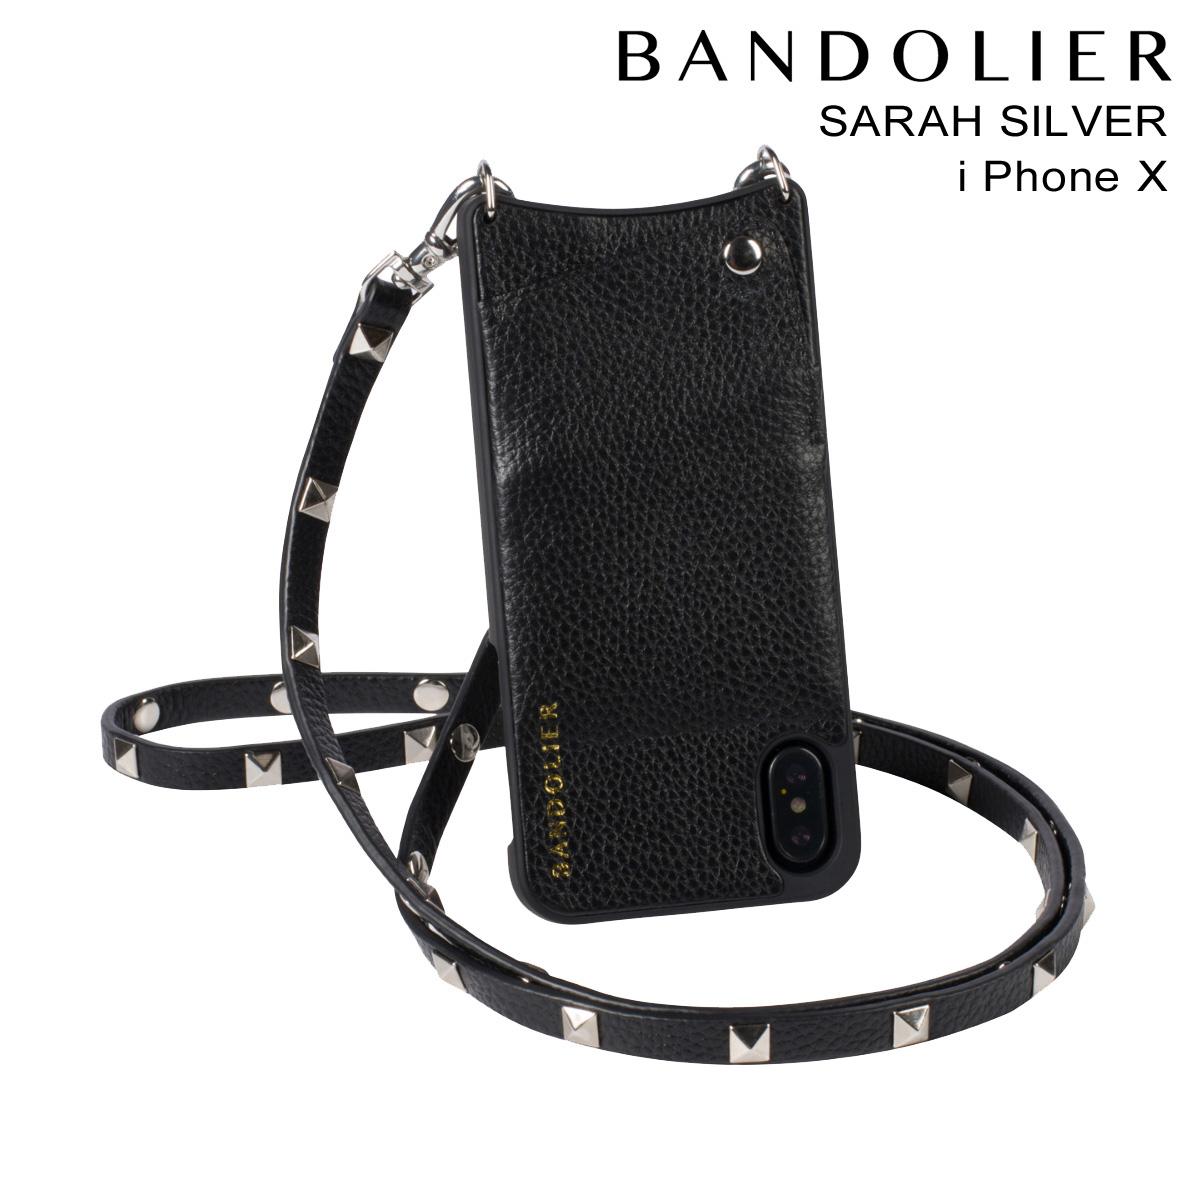 バンドリヤー BANDOLIER iPhone X ケース スマホ 携帯 アイフォン SARAH SILVER レザー メンズ レディース